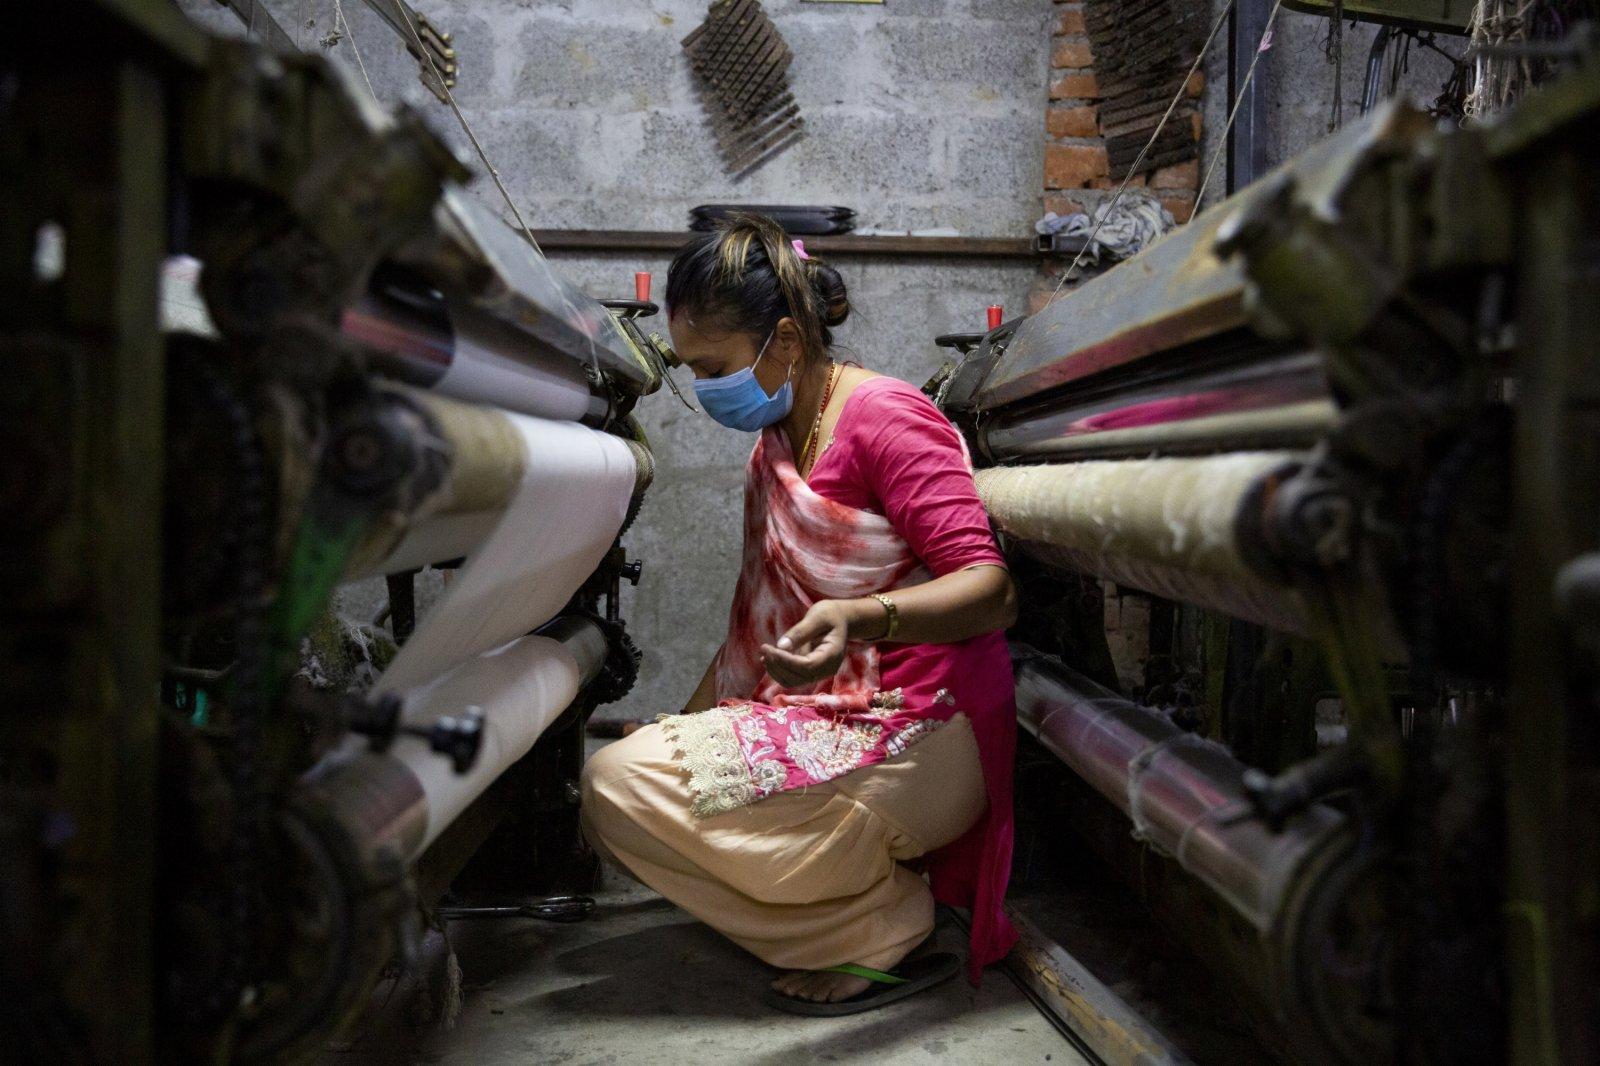 工人在尼泊爾加德滿都的一處披肩工廠工作。(新華社)